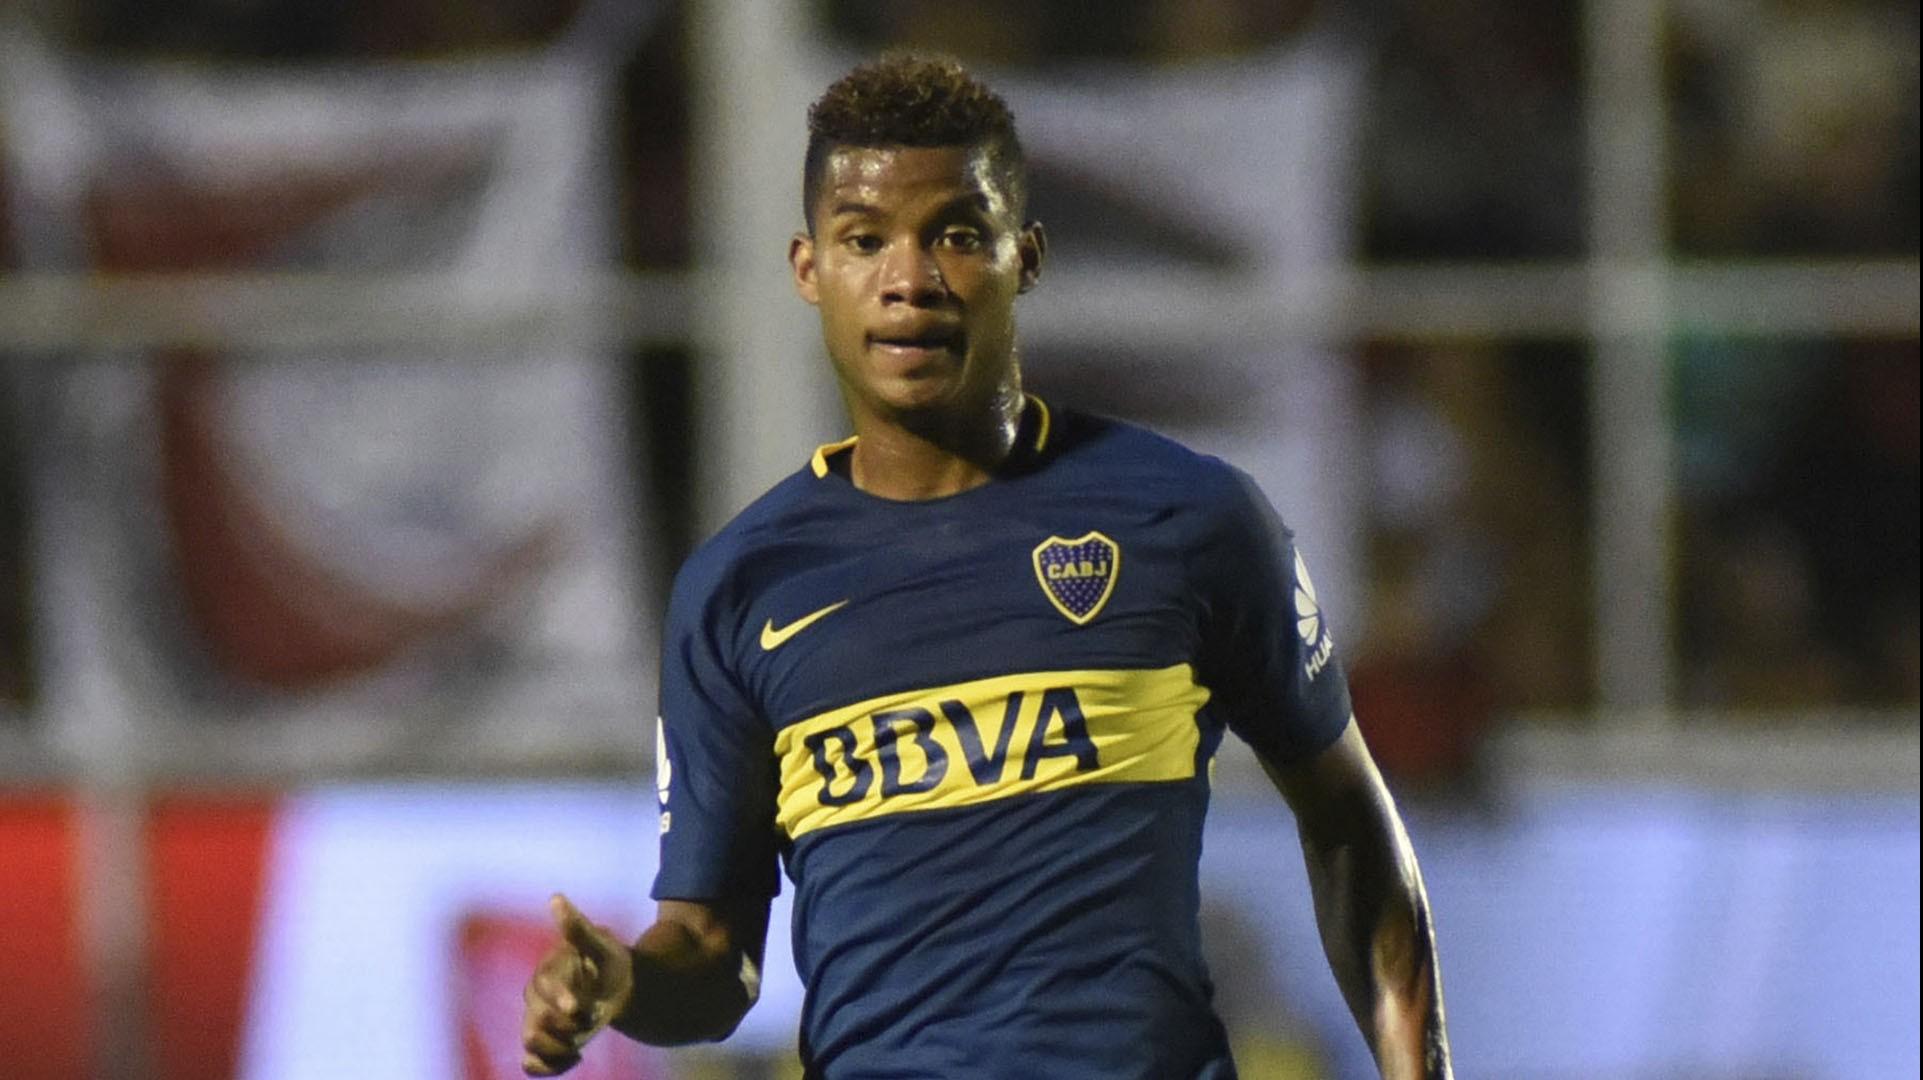 Wilmar Barrios se pierdeel trascendental juego ante Alianza Lima por la Copa Libertadores (Foto: Getty Images)